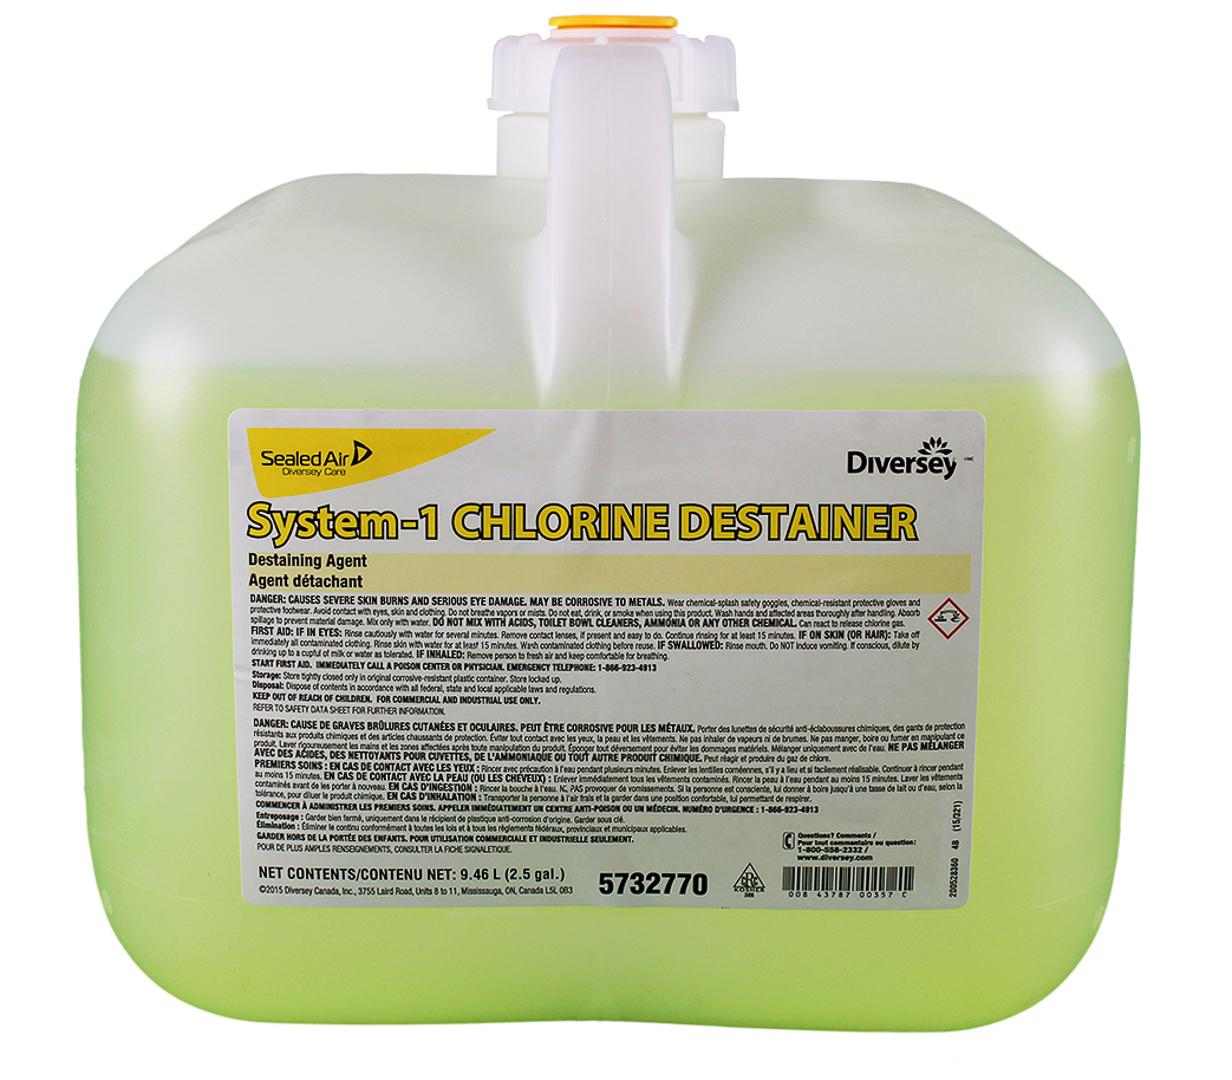 System-1 chlorine destainer – Détachant chloré pour la lessive